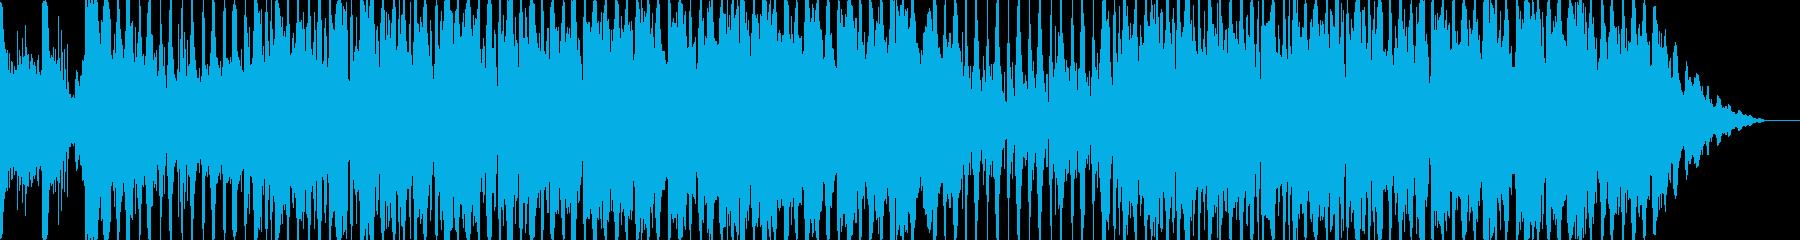 ハロウィンの恐怖感があるオーケストラの再生済みの波形